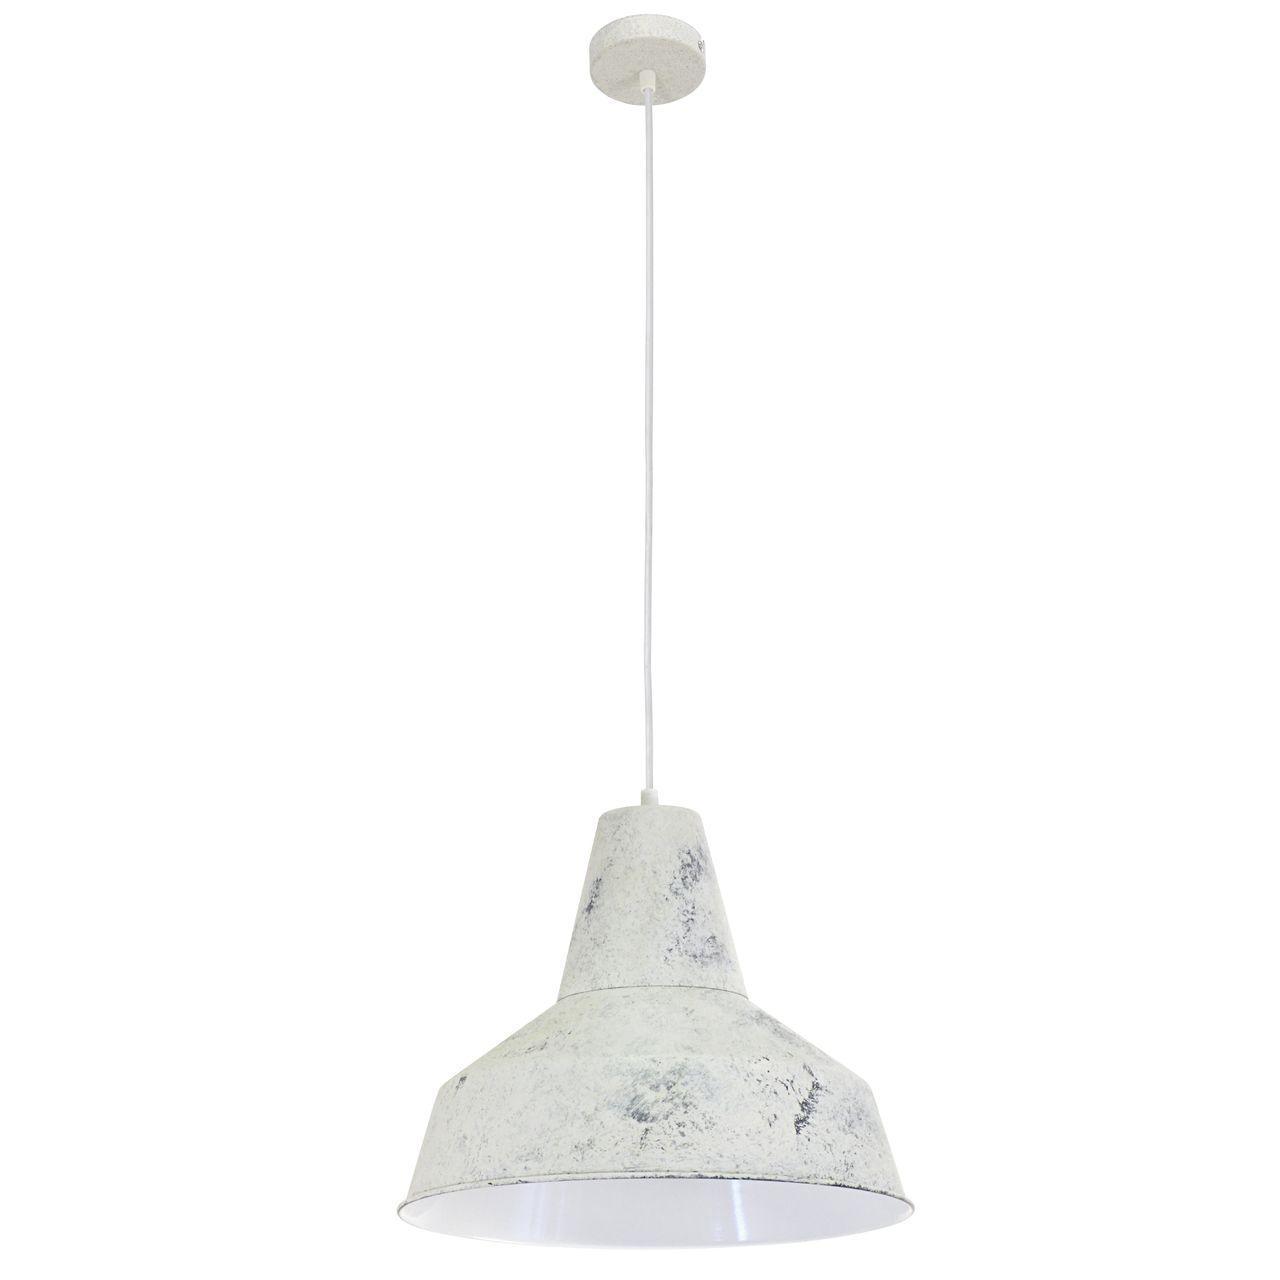 Подвесной светильник Eglo Vintage 49249 подвесной светильник eglo vintage 49212